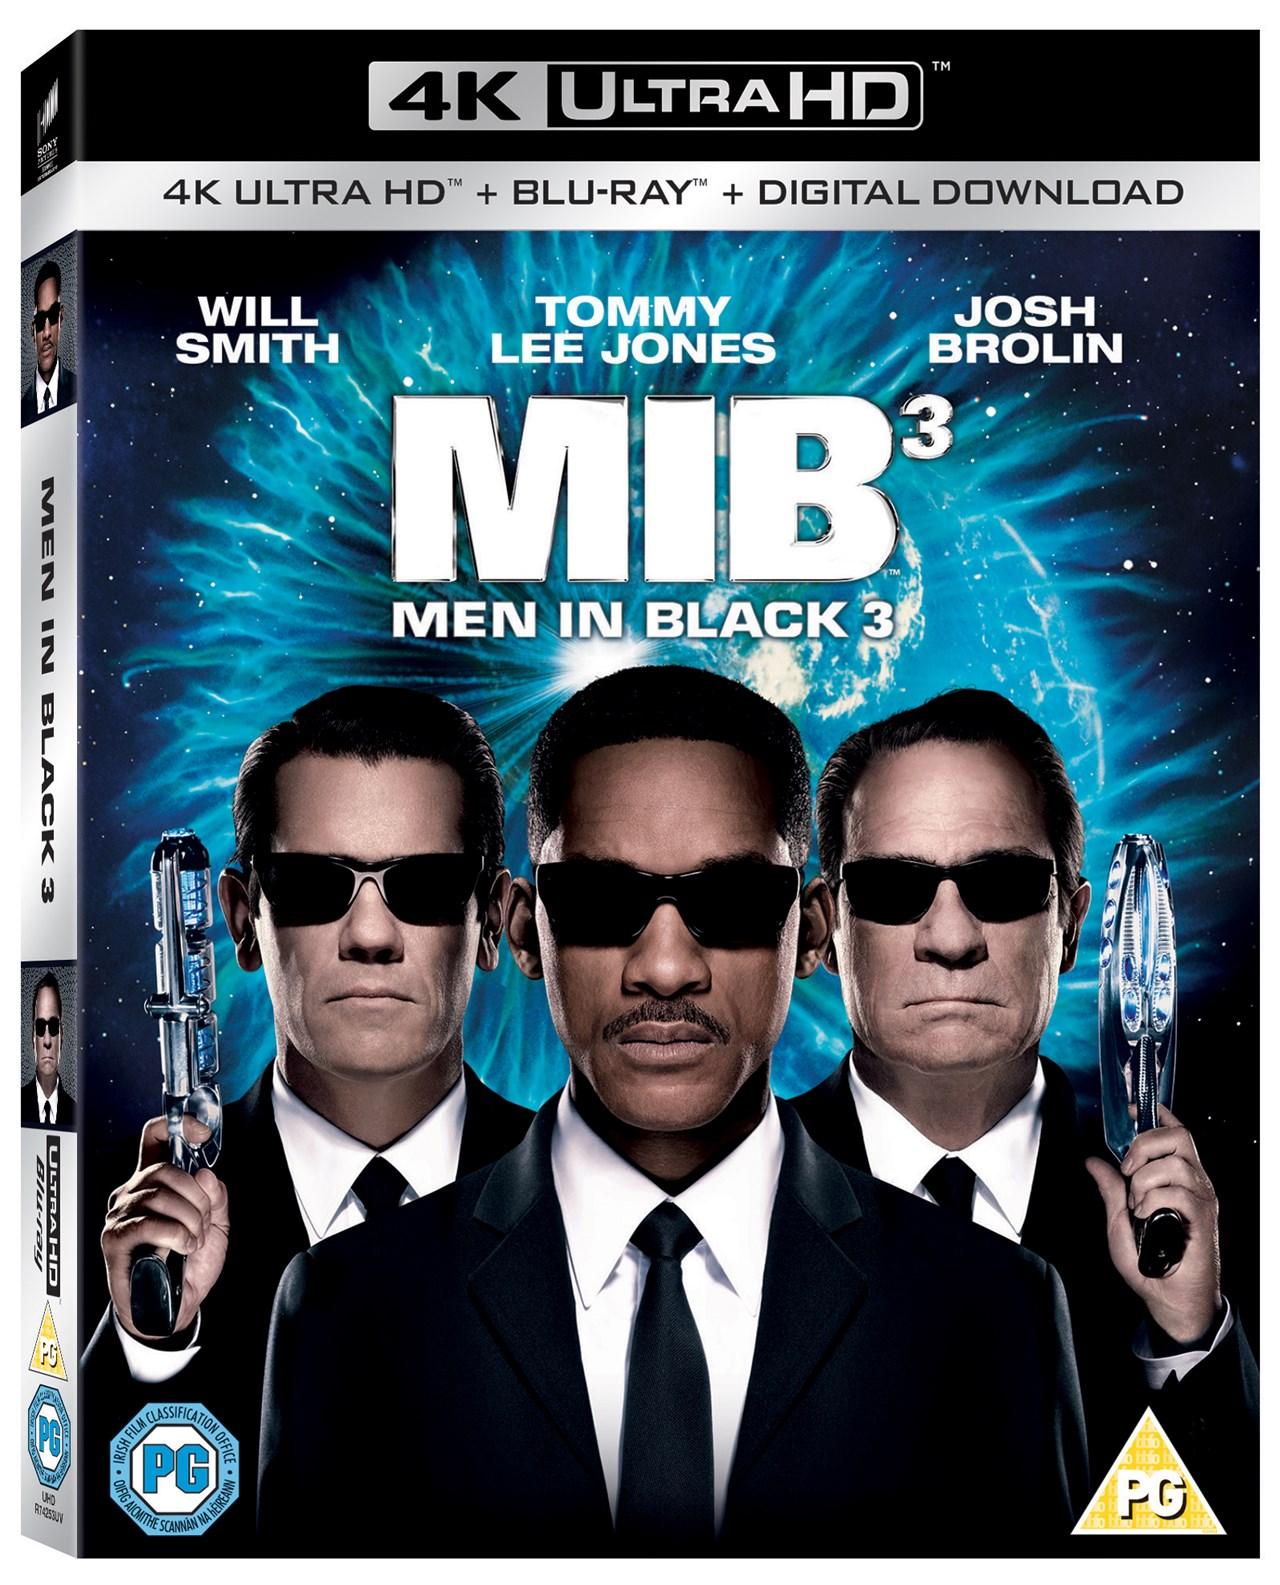 Men in Black 3 - 2